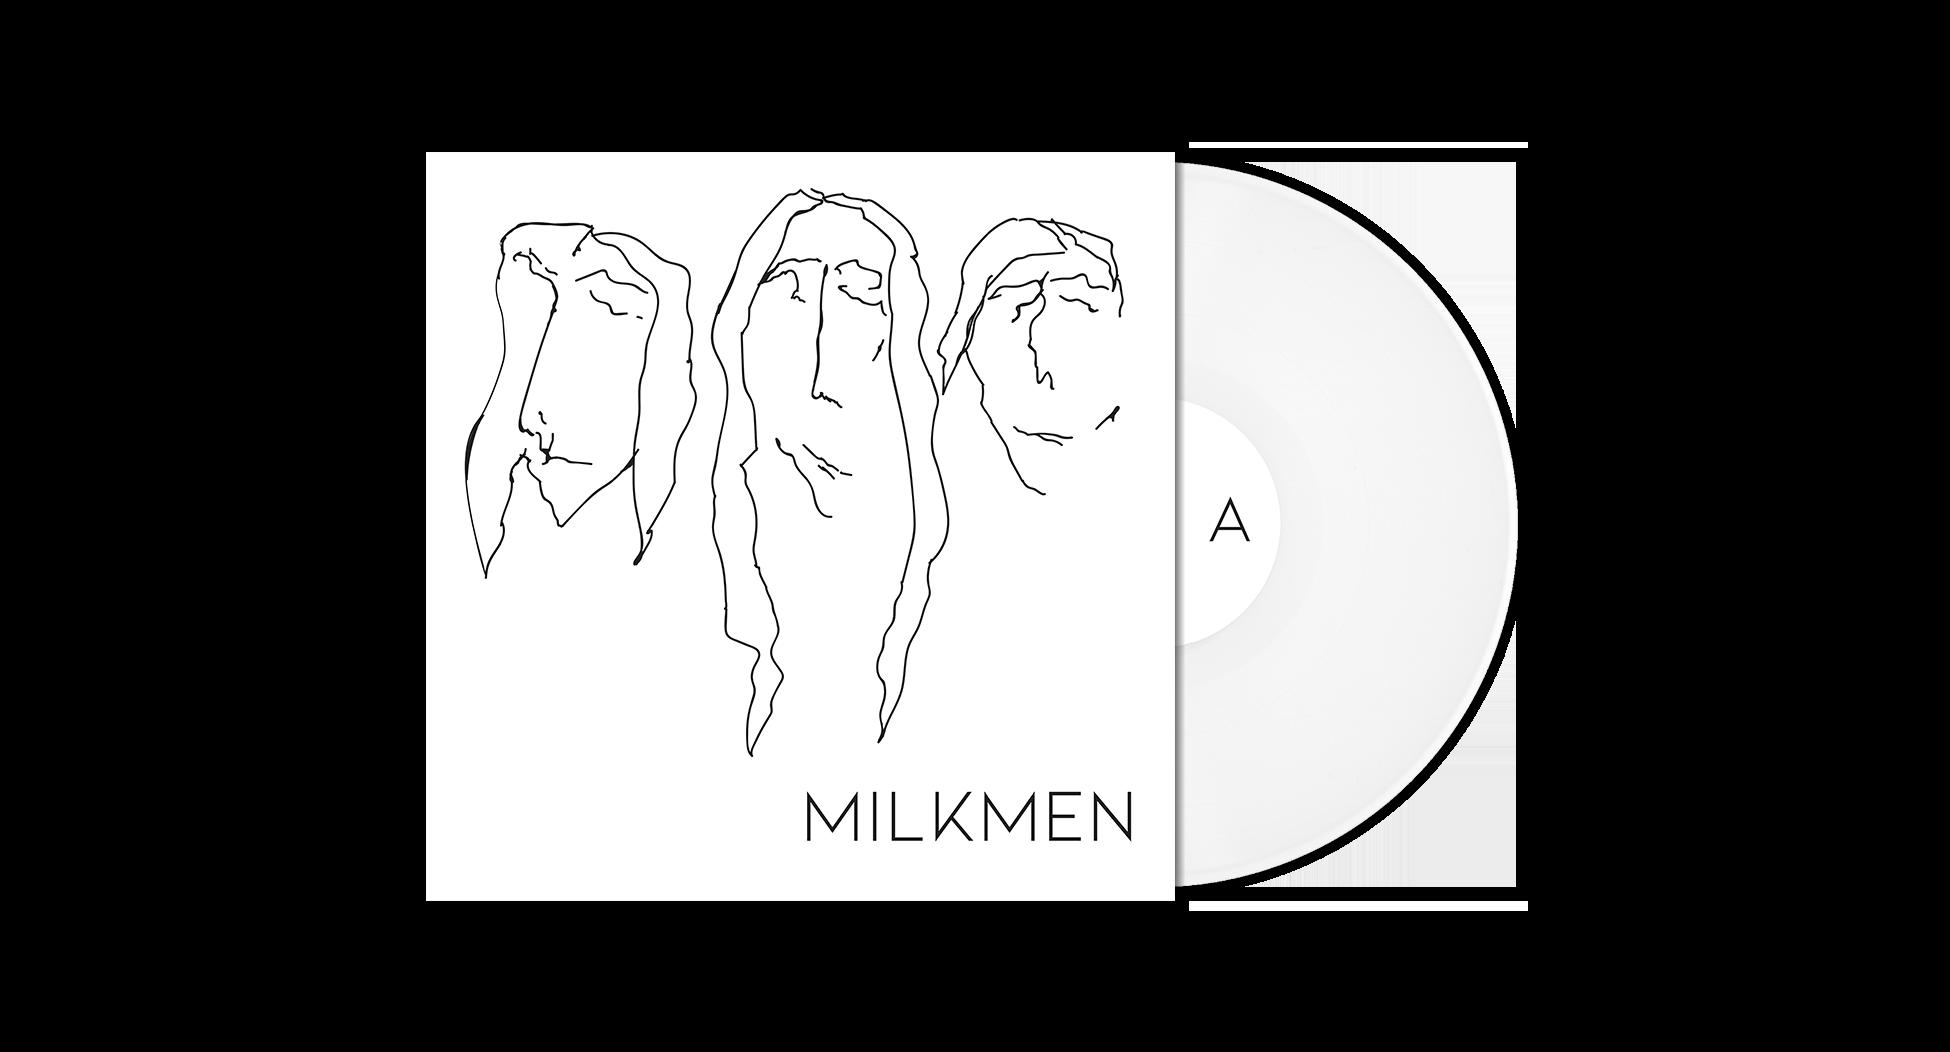 Milkmen S/T LP Bundle